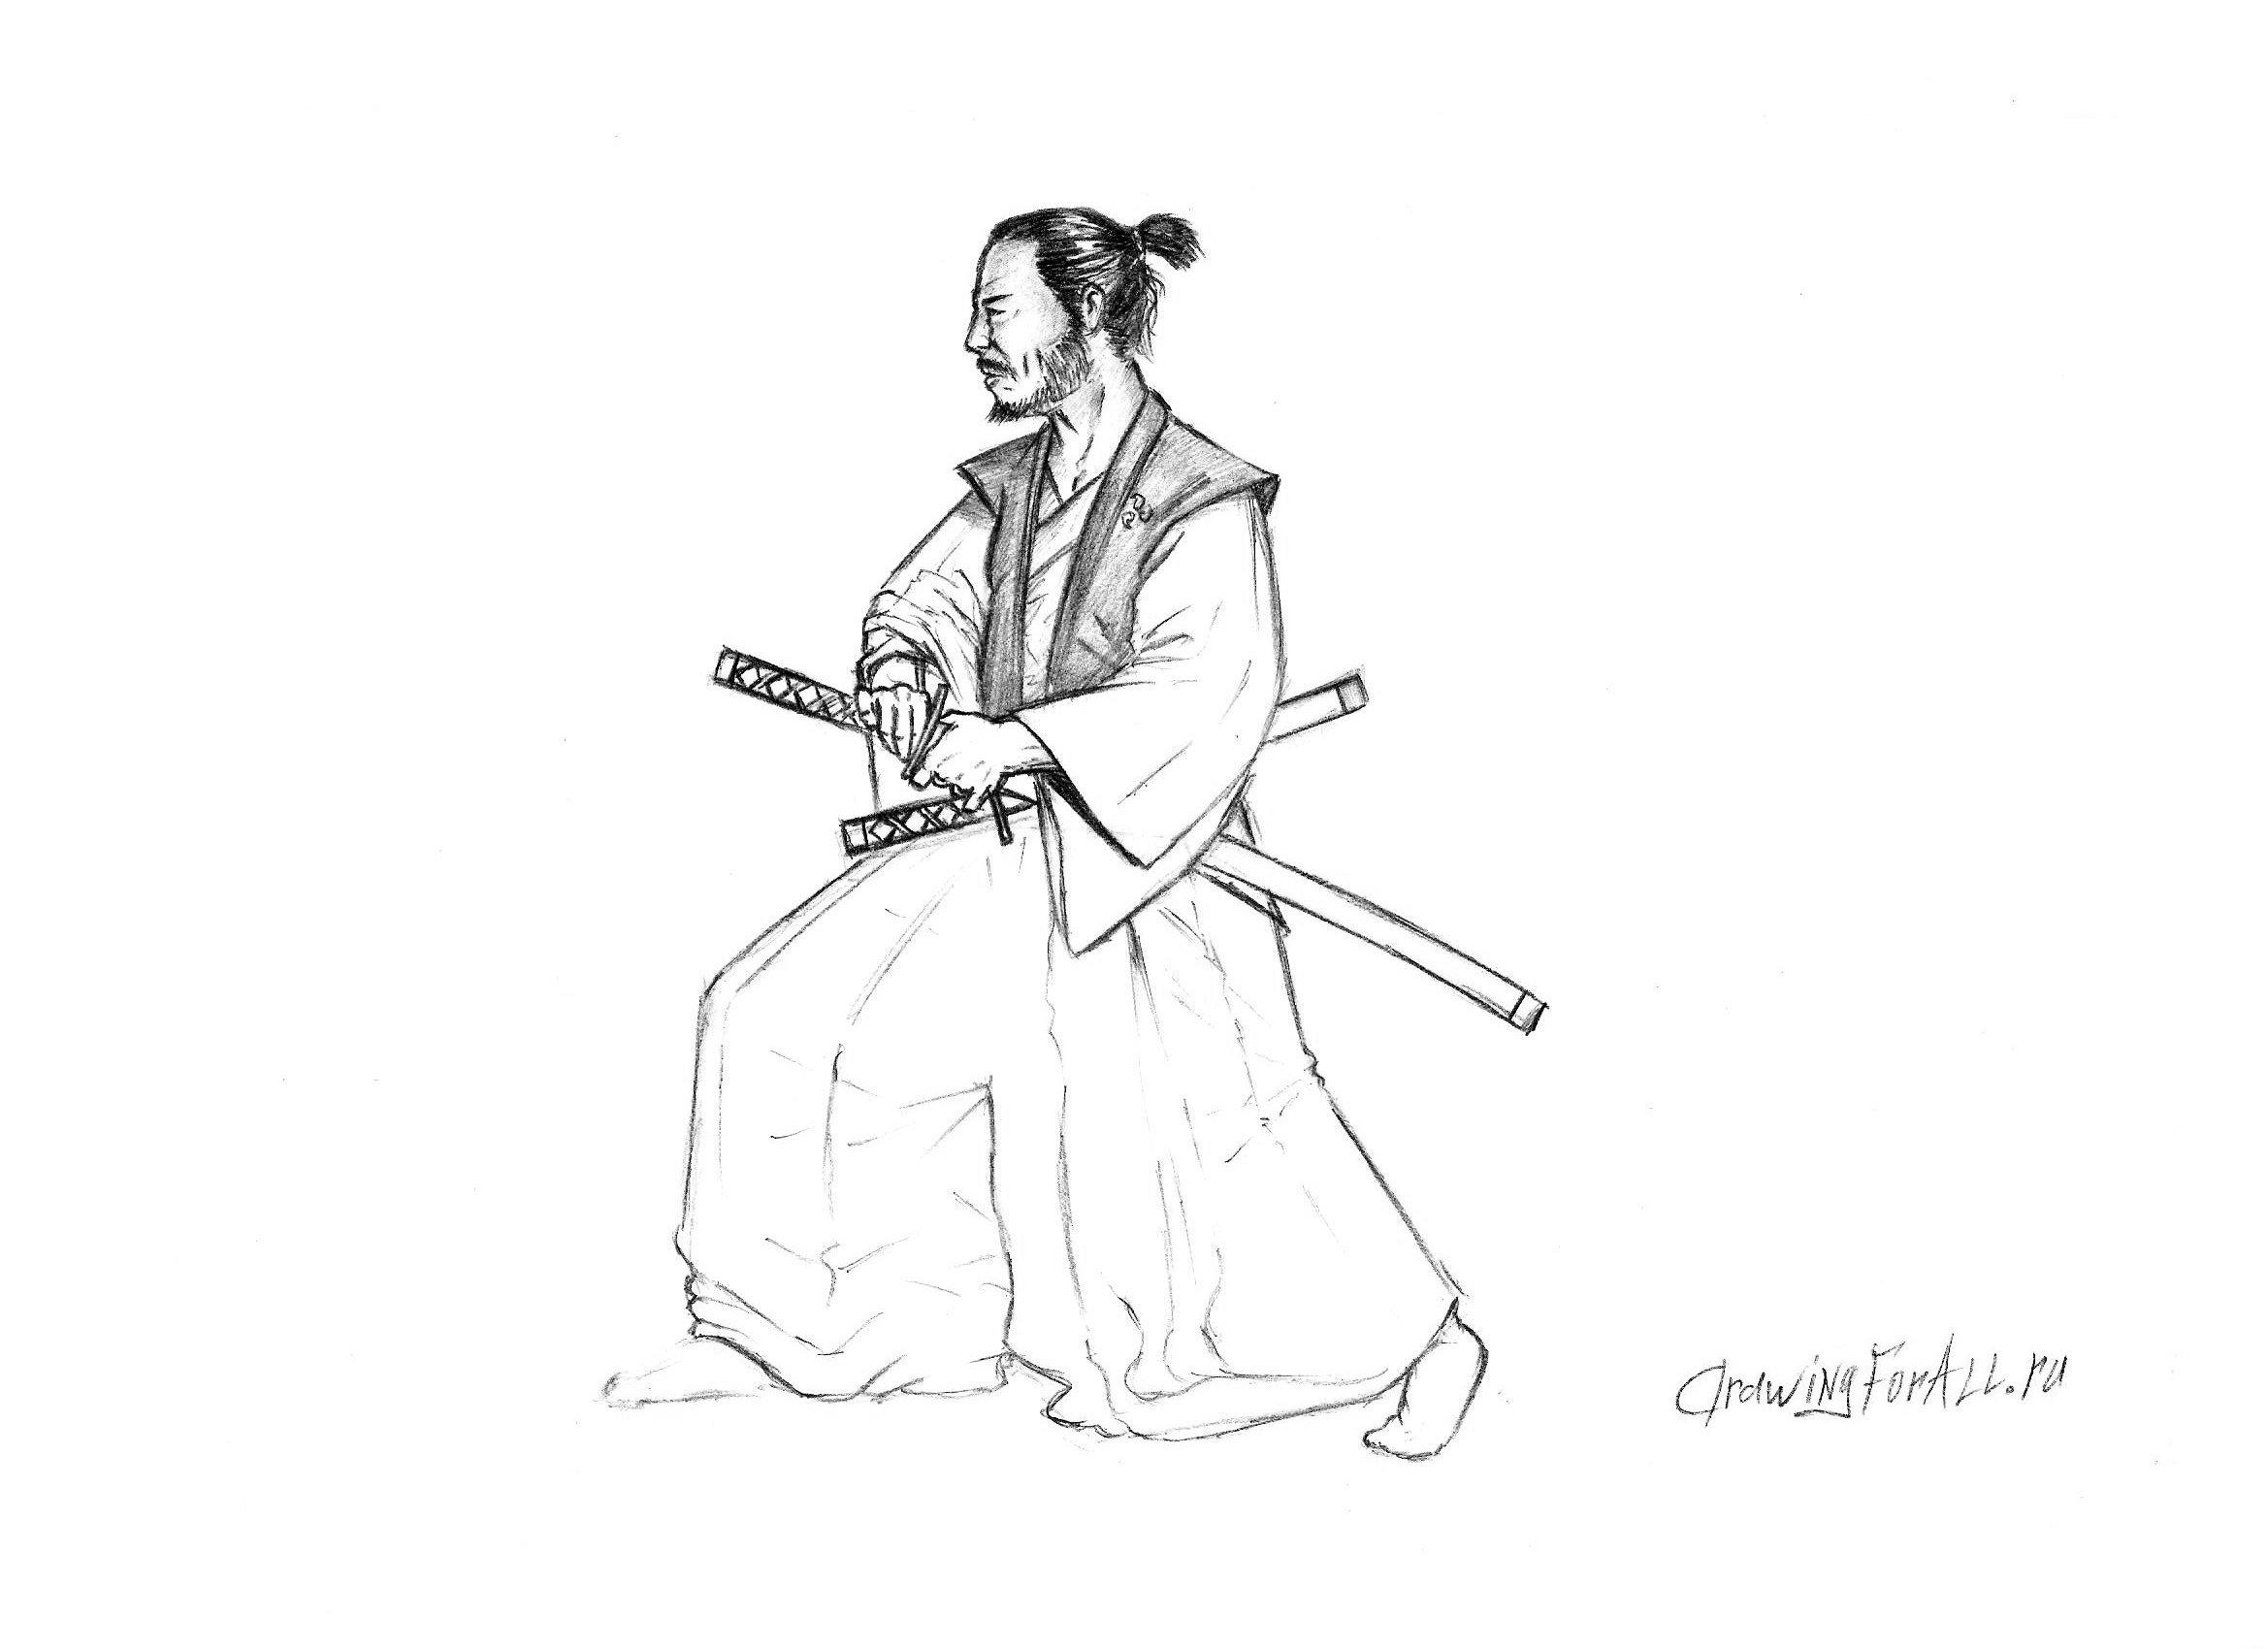 Рисуем самурая - наложение теней